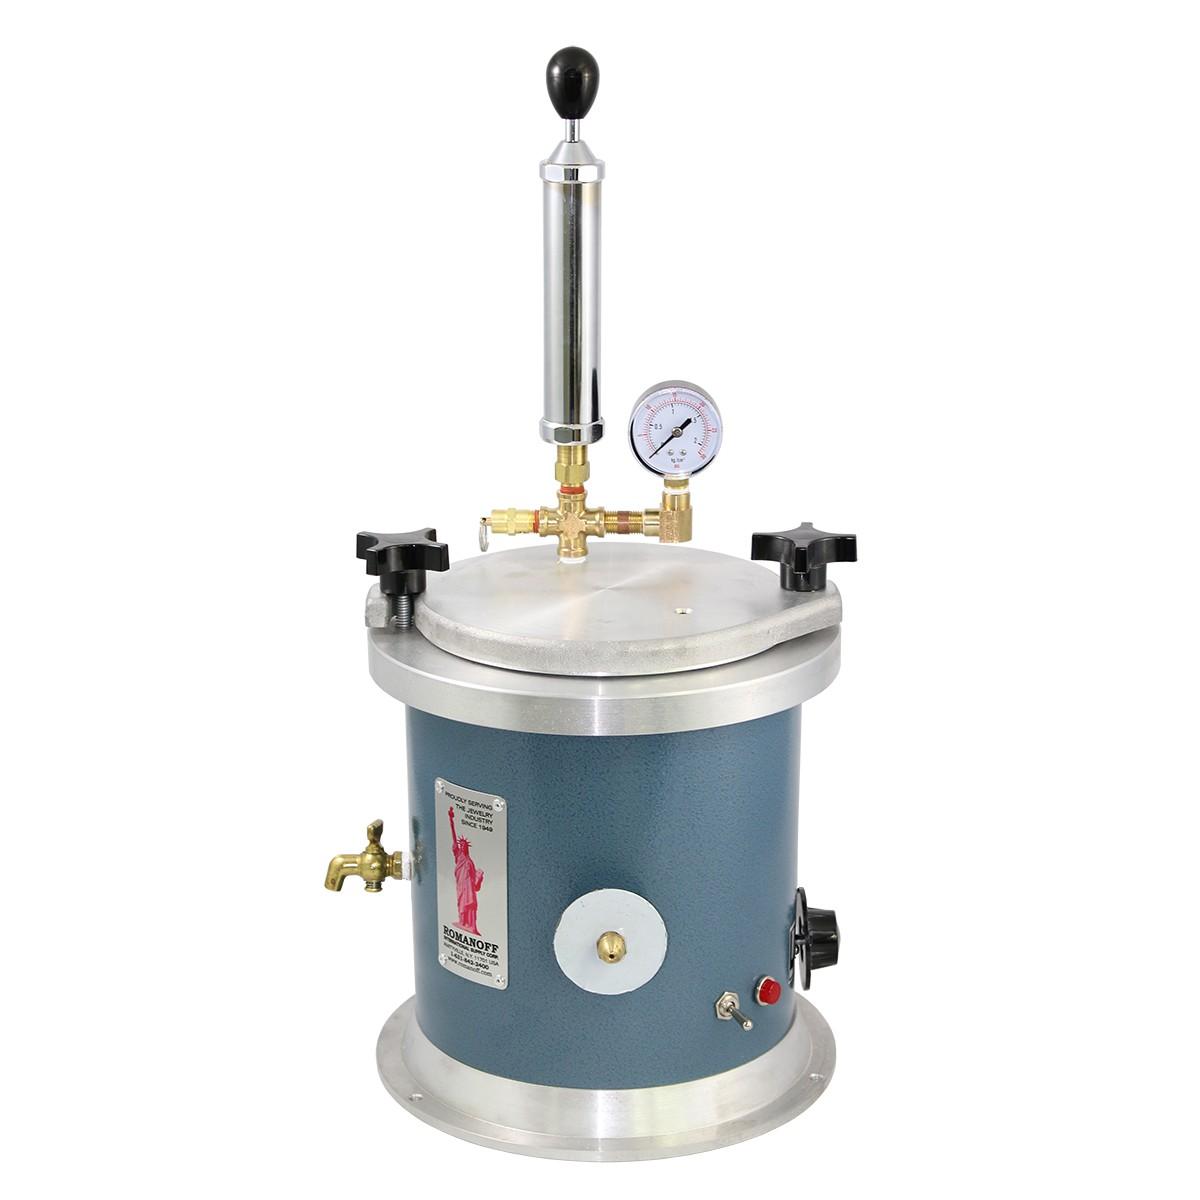 Super Jr. Wax Injector With Hand Pump - 2-3/4 Qt